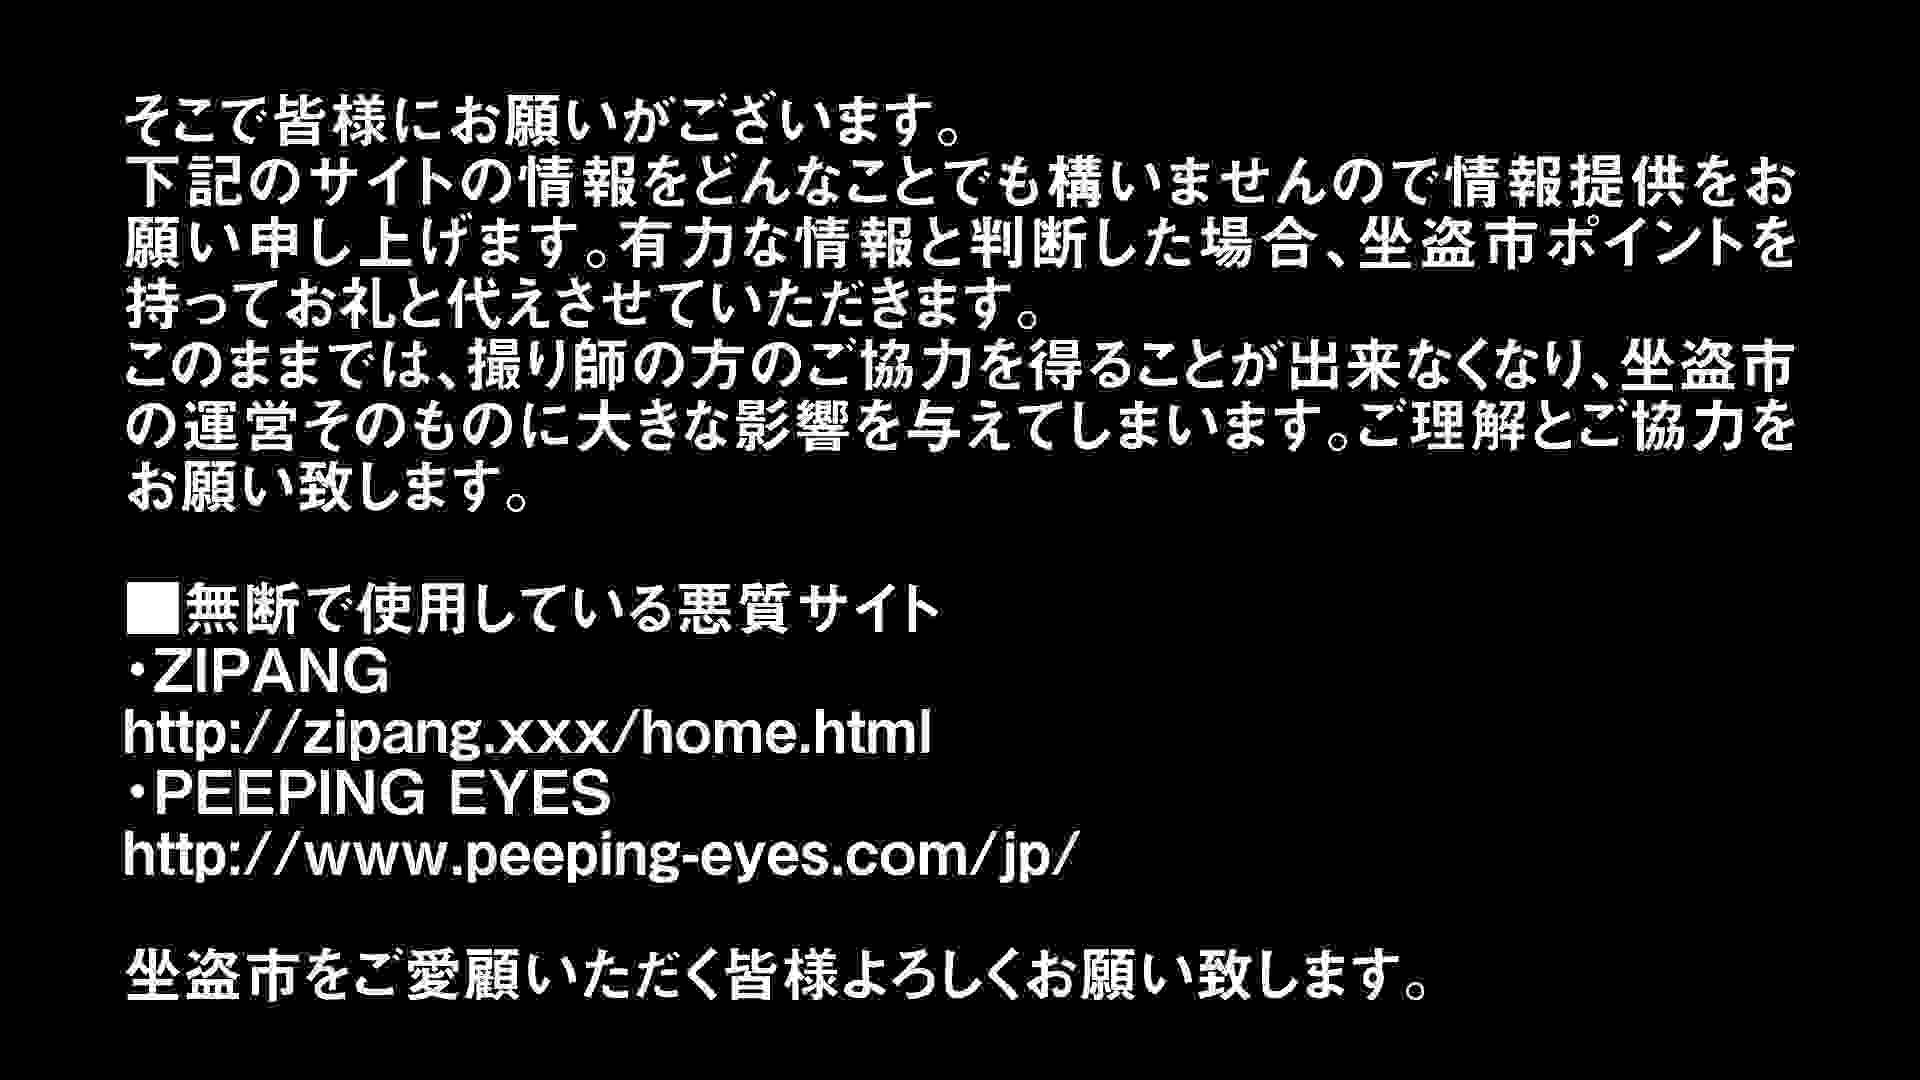 Aquaな露天風呂Vol.300 盗撮シリーズ  110PIX 34